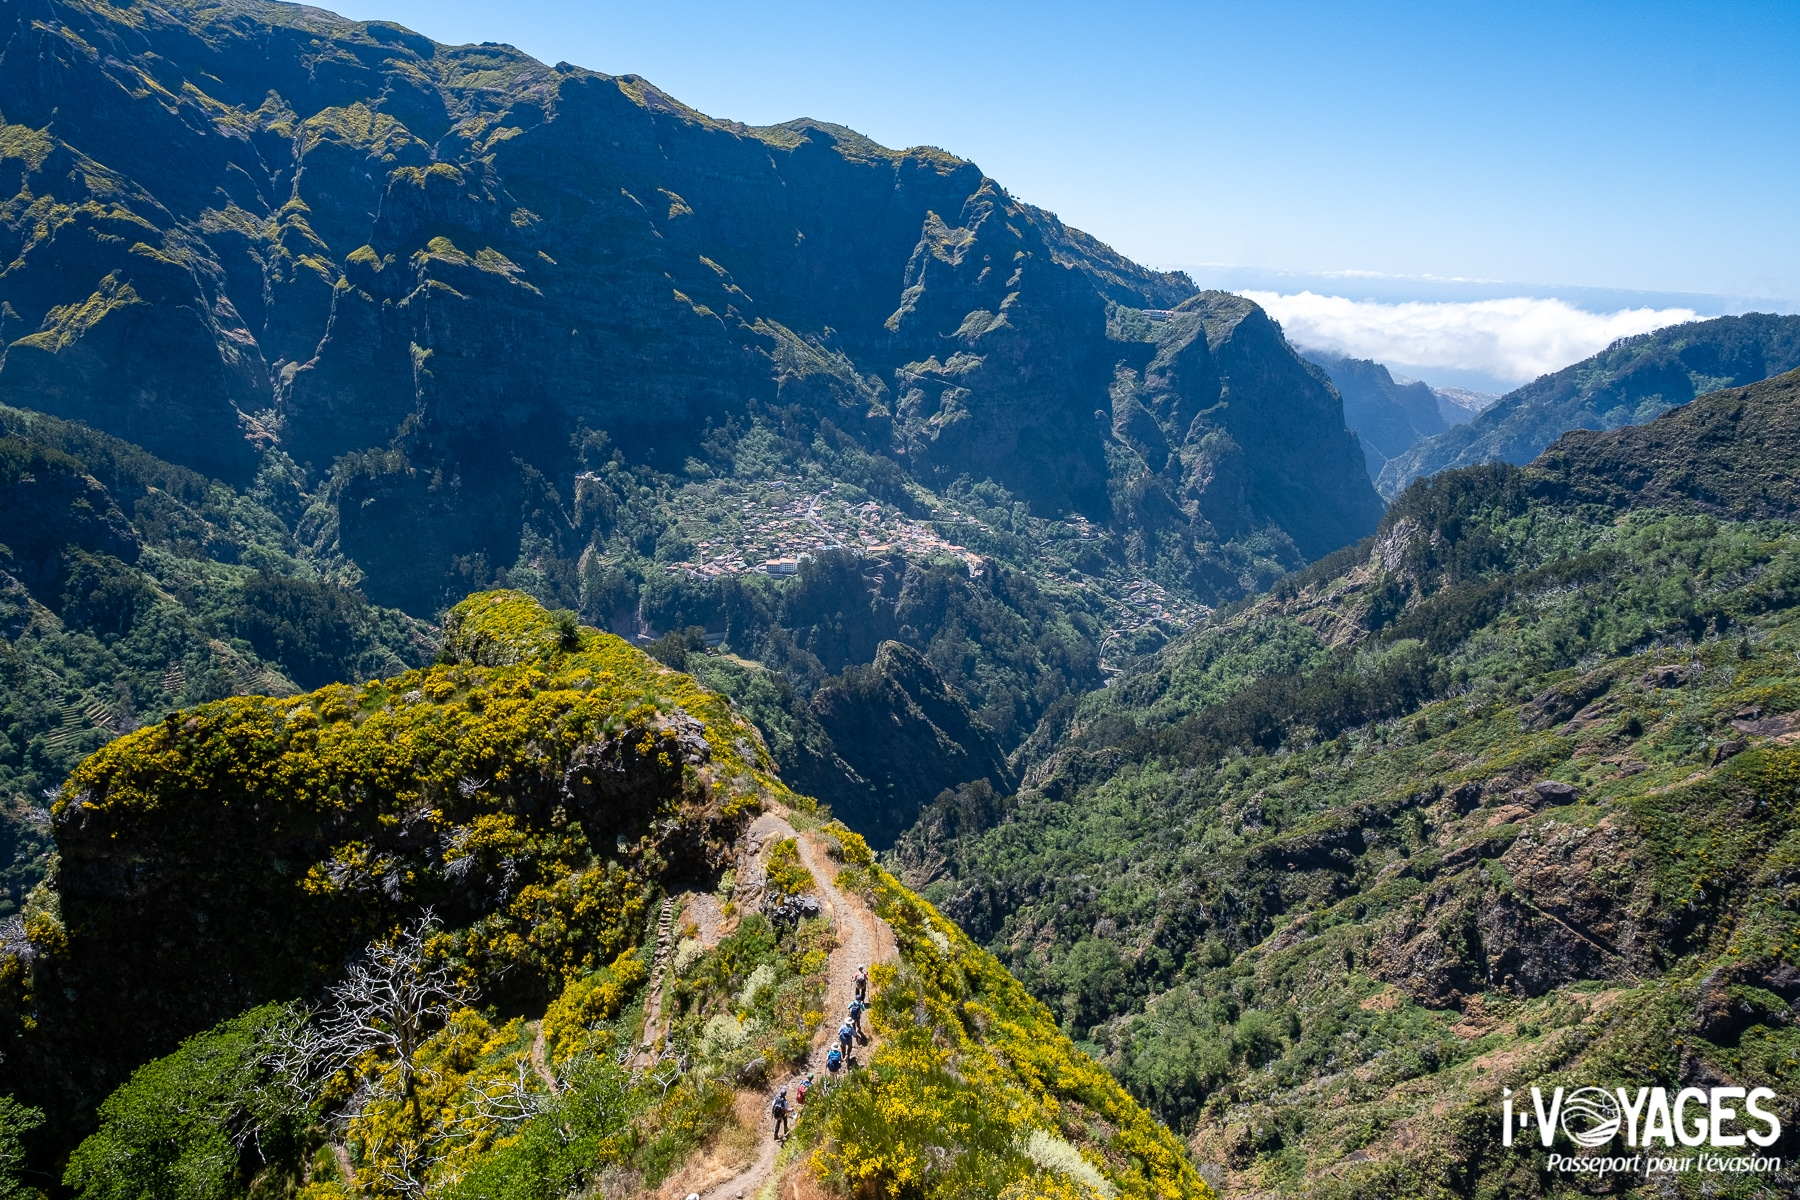 vallée de Curral das Freiras